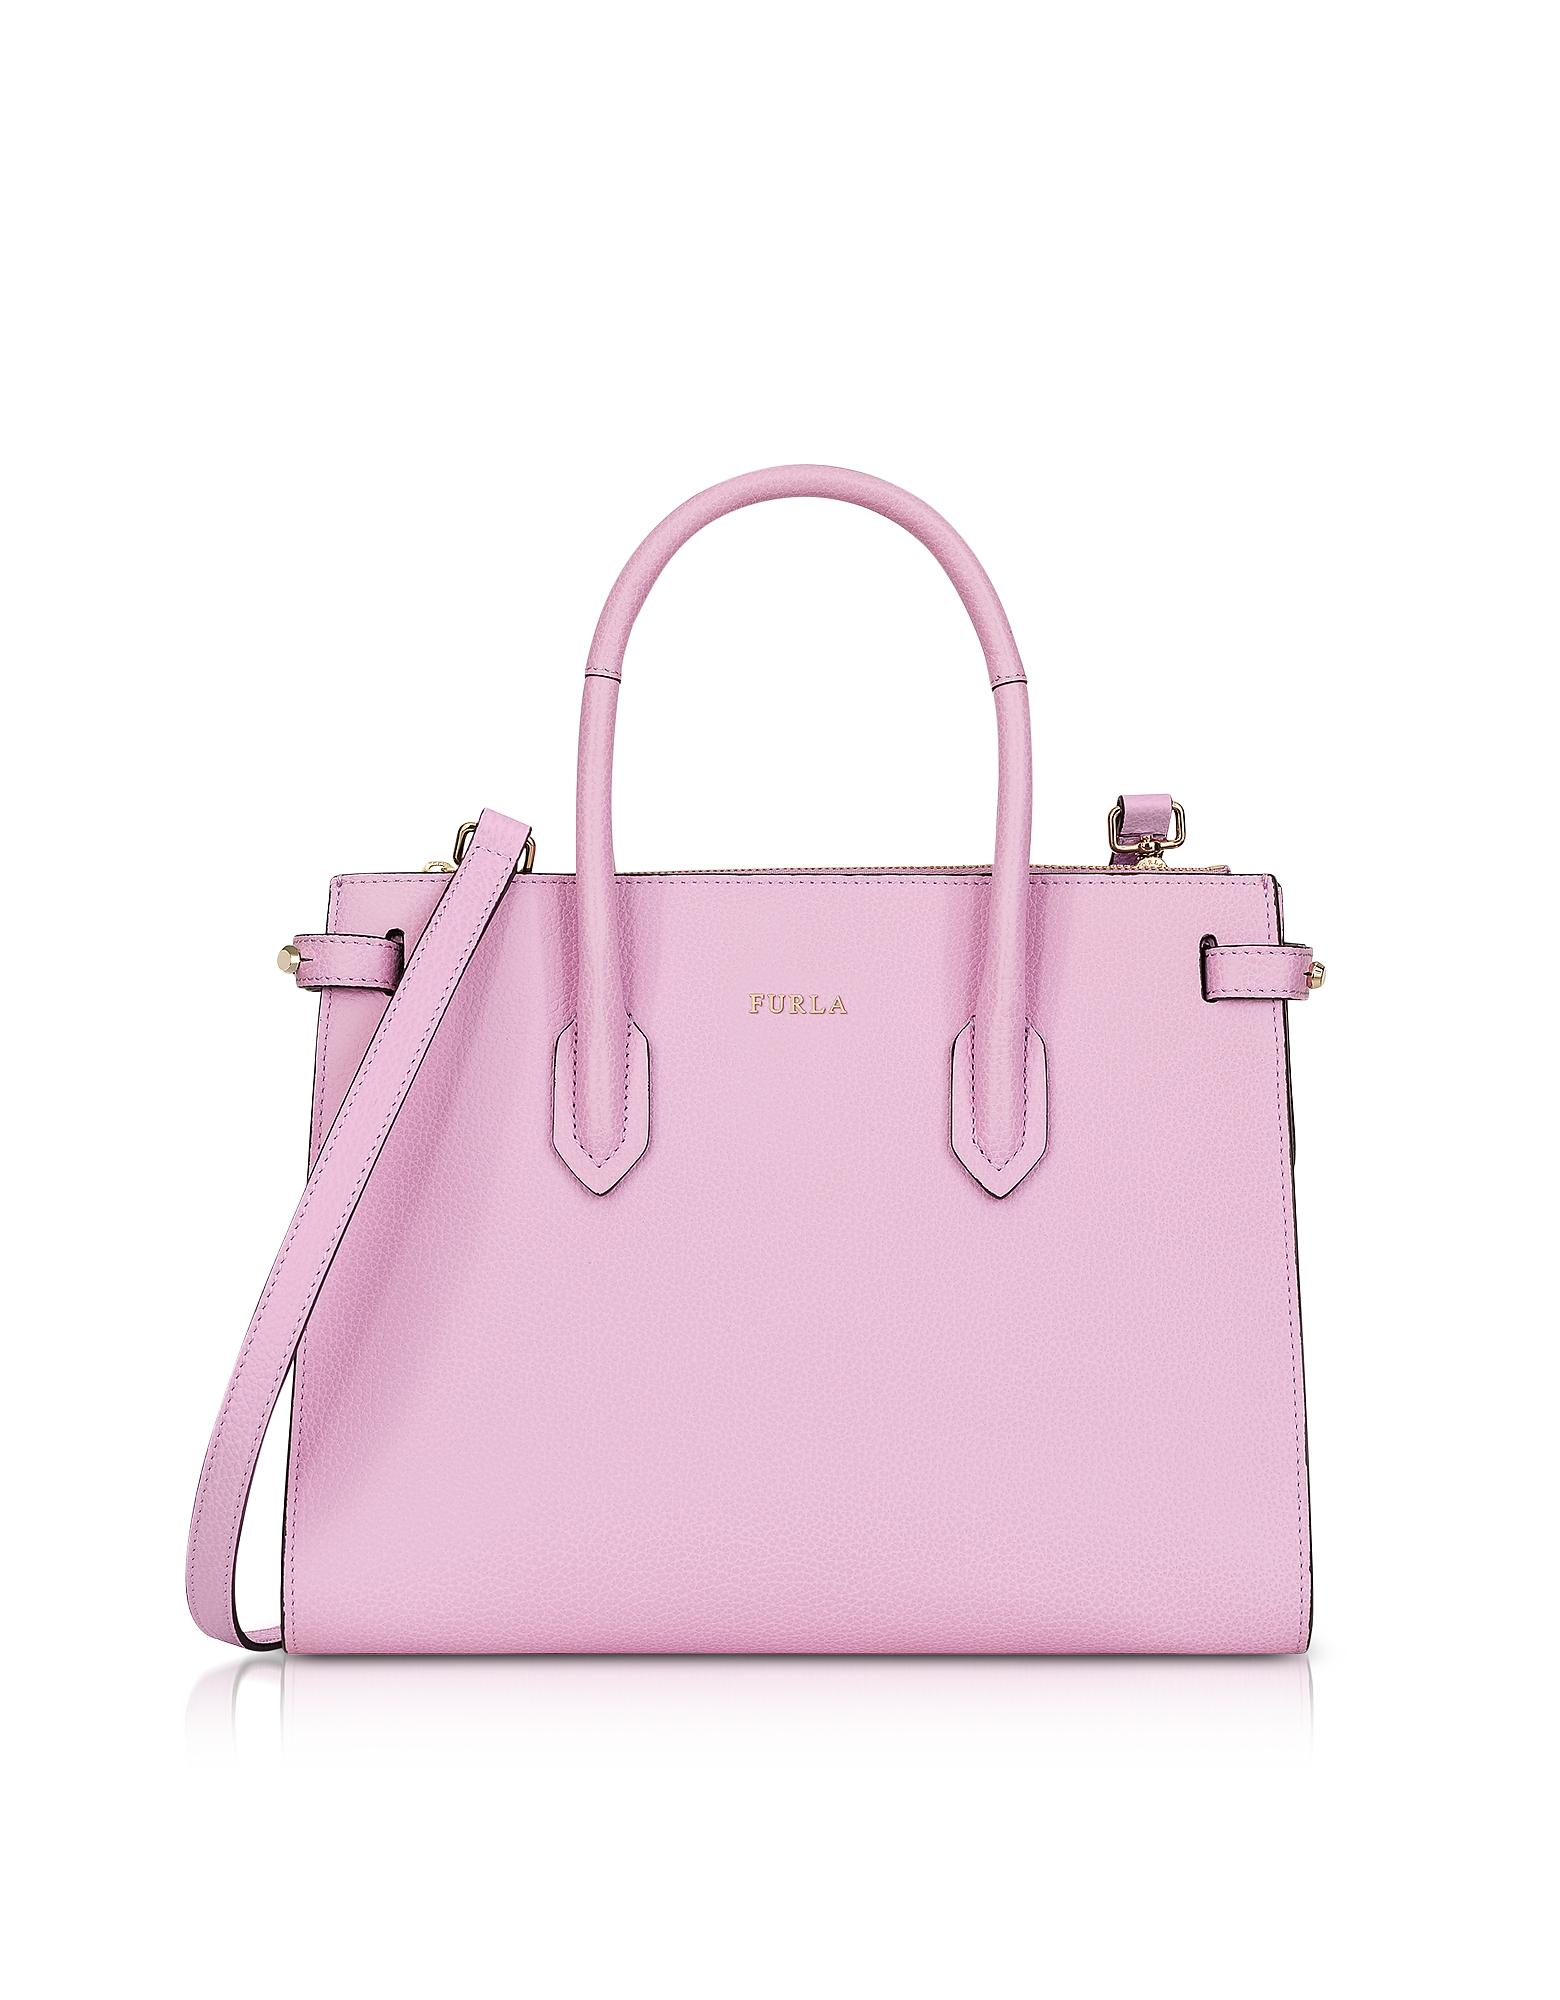 Furla Handbags, Glicine Leather Pin Small E/W Tote Bag